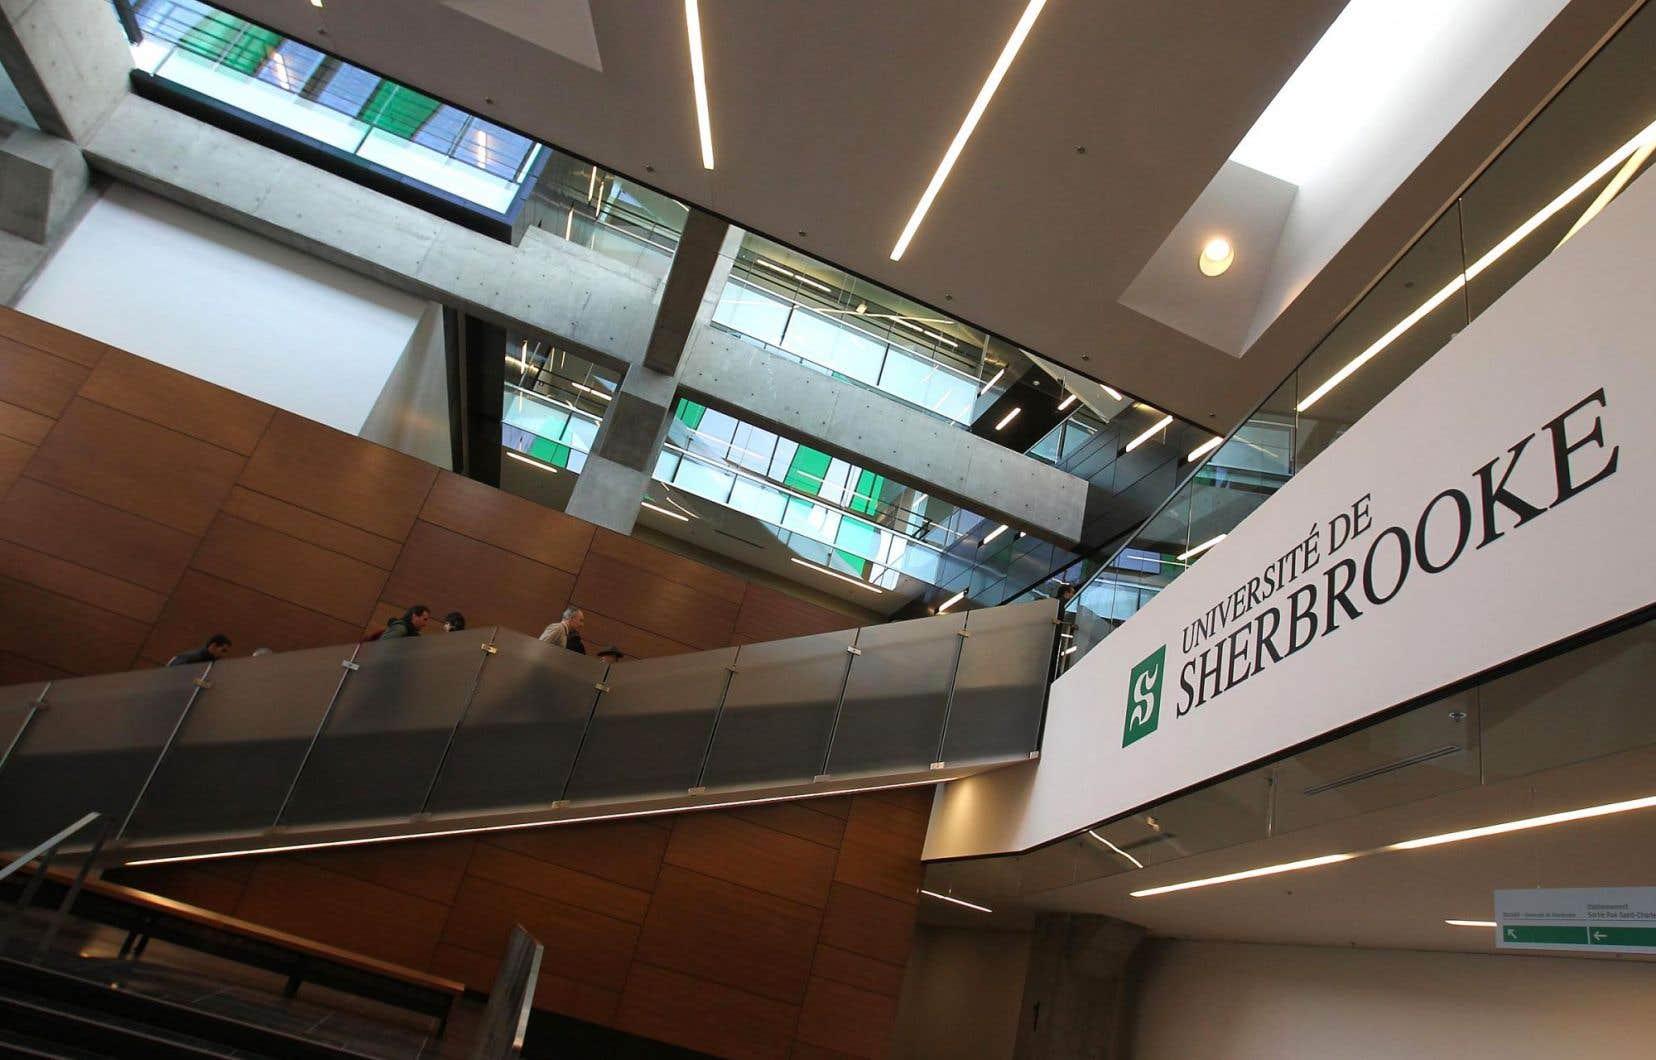 Par rapport à la situation qui était celle de l'Université de Sherbrooke il y a dix ans, il manque aujourd'hui 41professeurs, affirme le SPPUS.